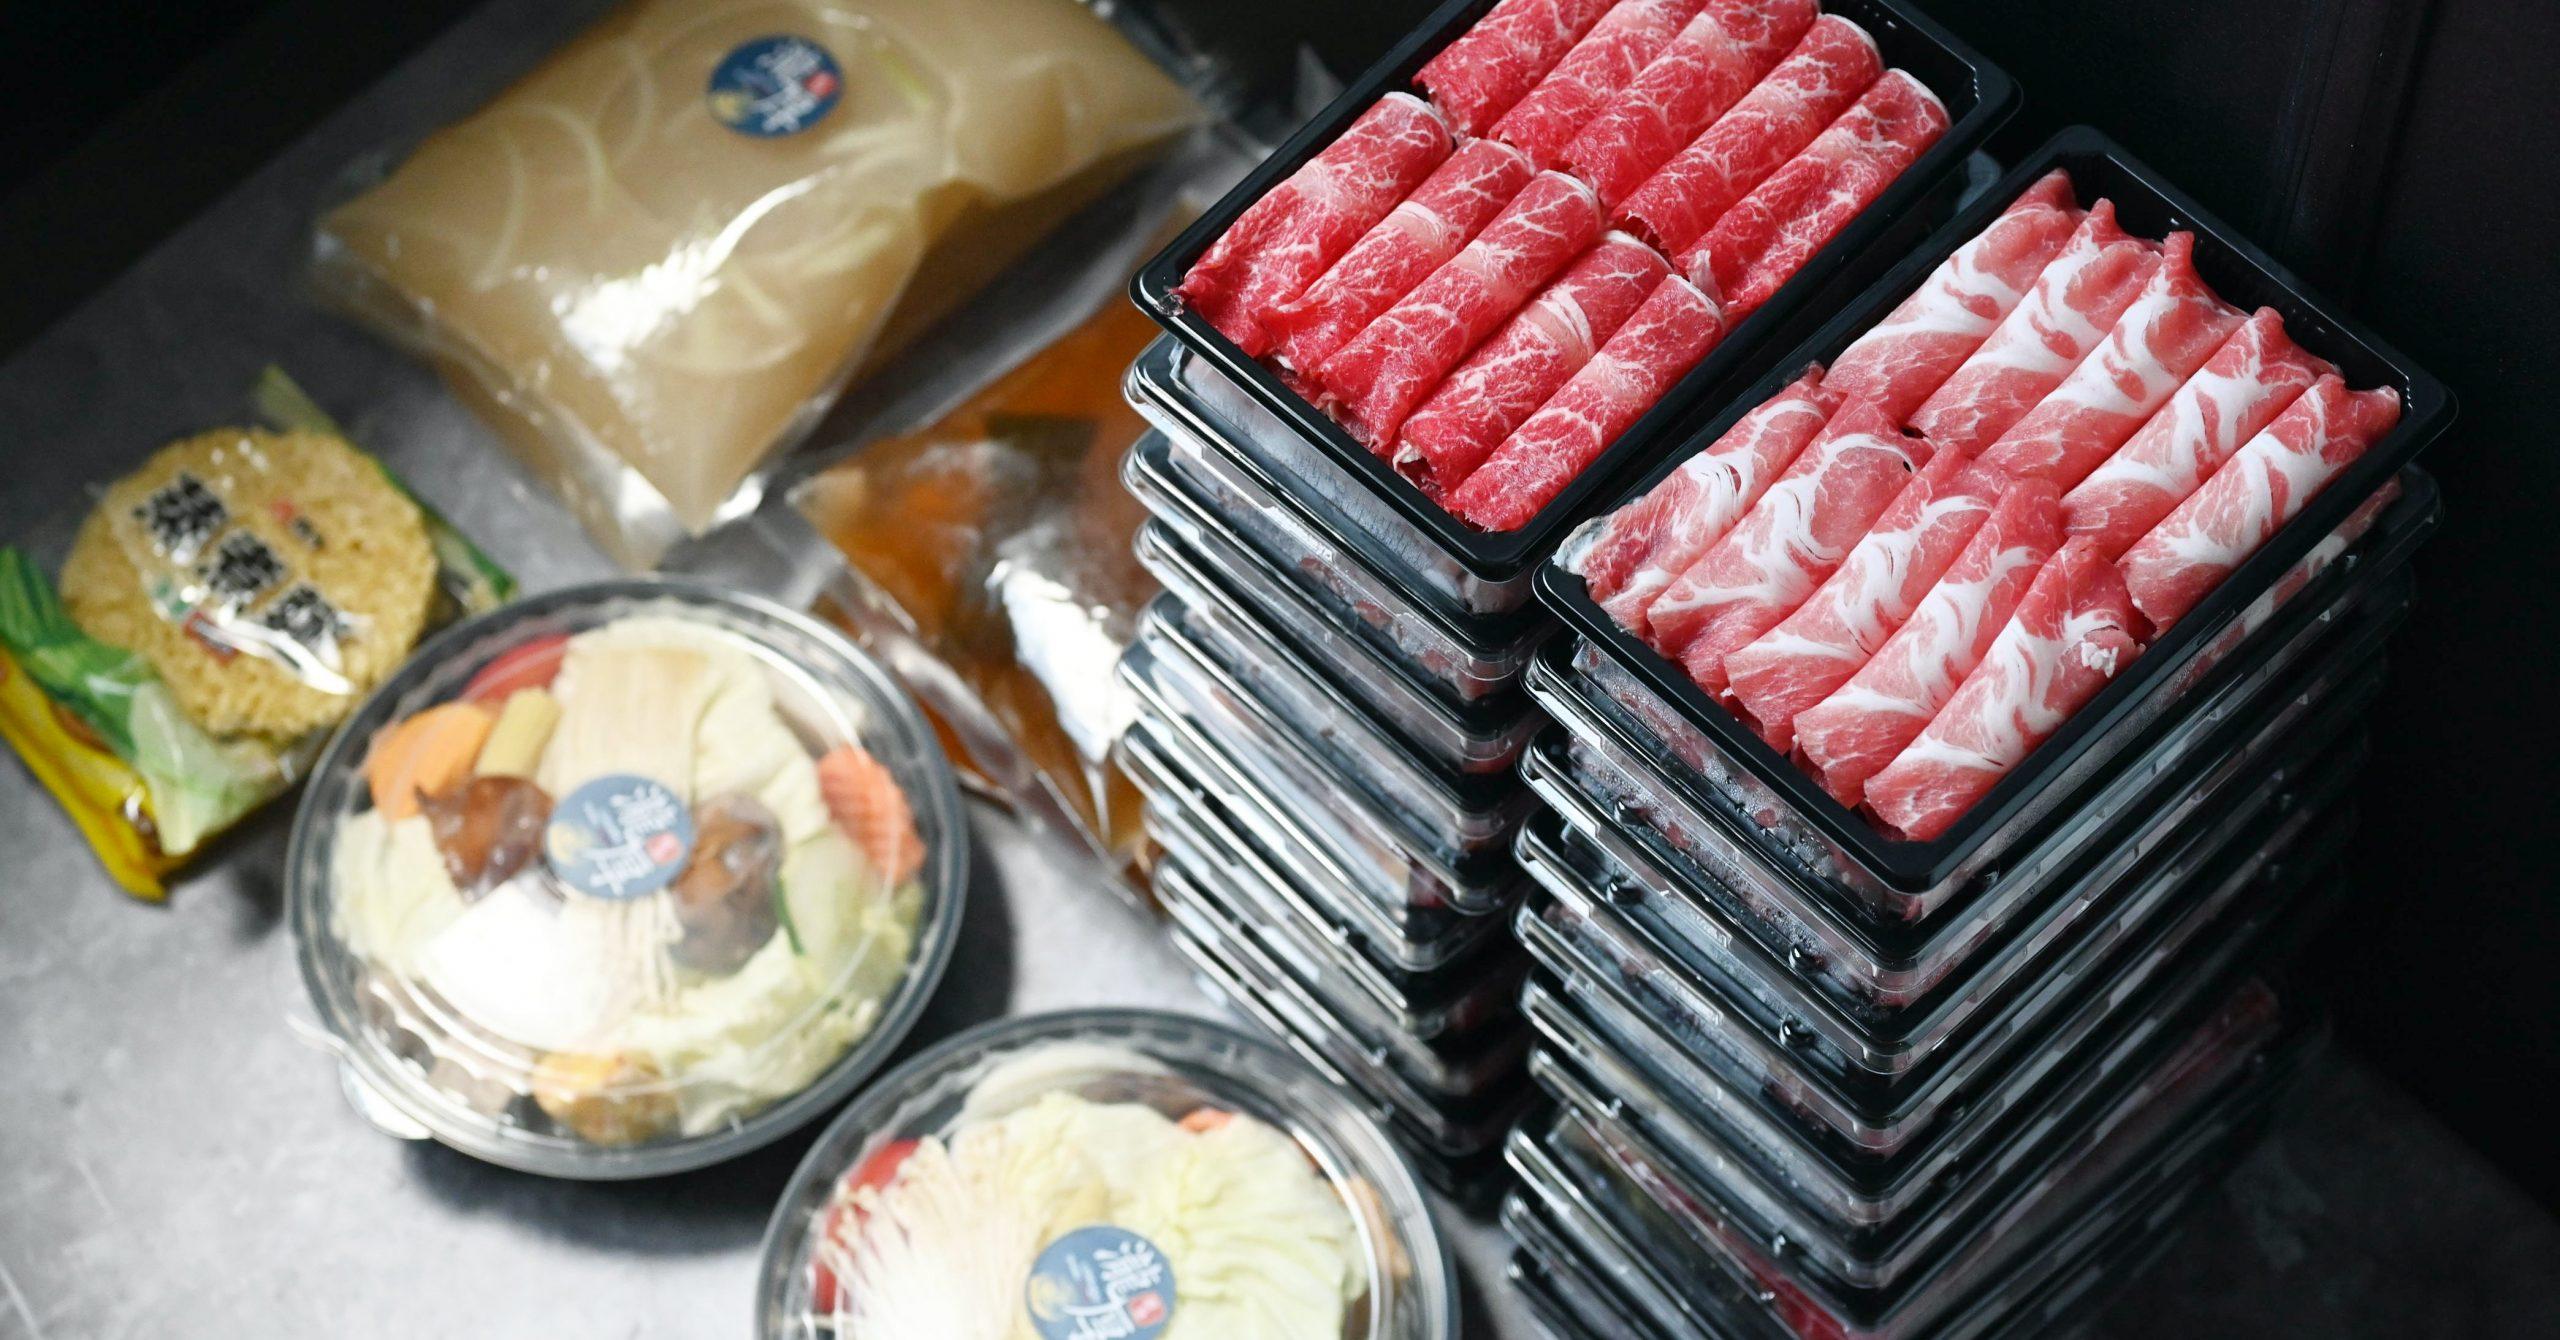 今日熱門文章:【小巨蛋美食】瀧厚鍋物,瀧厚鍋物外帶100盎司巨大肉盤